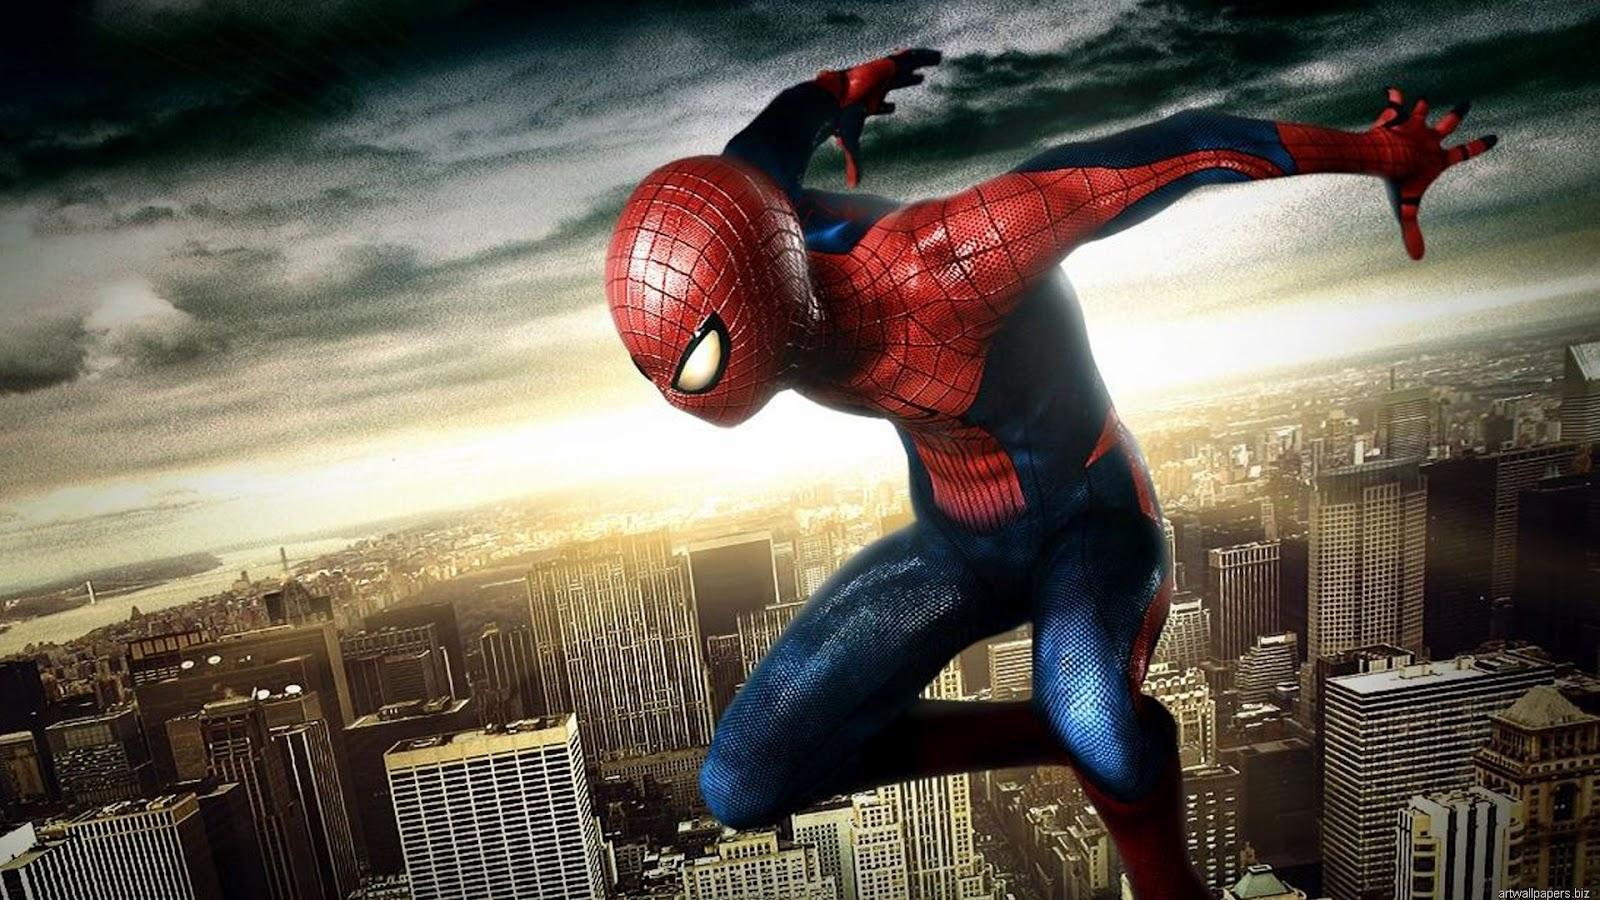 http://4.bp.blogspot.com/-79uEhUdi79w/T7QJZZhNFLI/AAAAAAAAFXg/Ca_c3x8wVf0/s1600/The+Amazing+Spider-Man+(2012)+Wallpaper.jpg